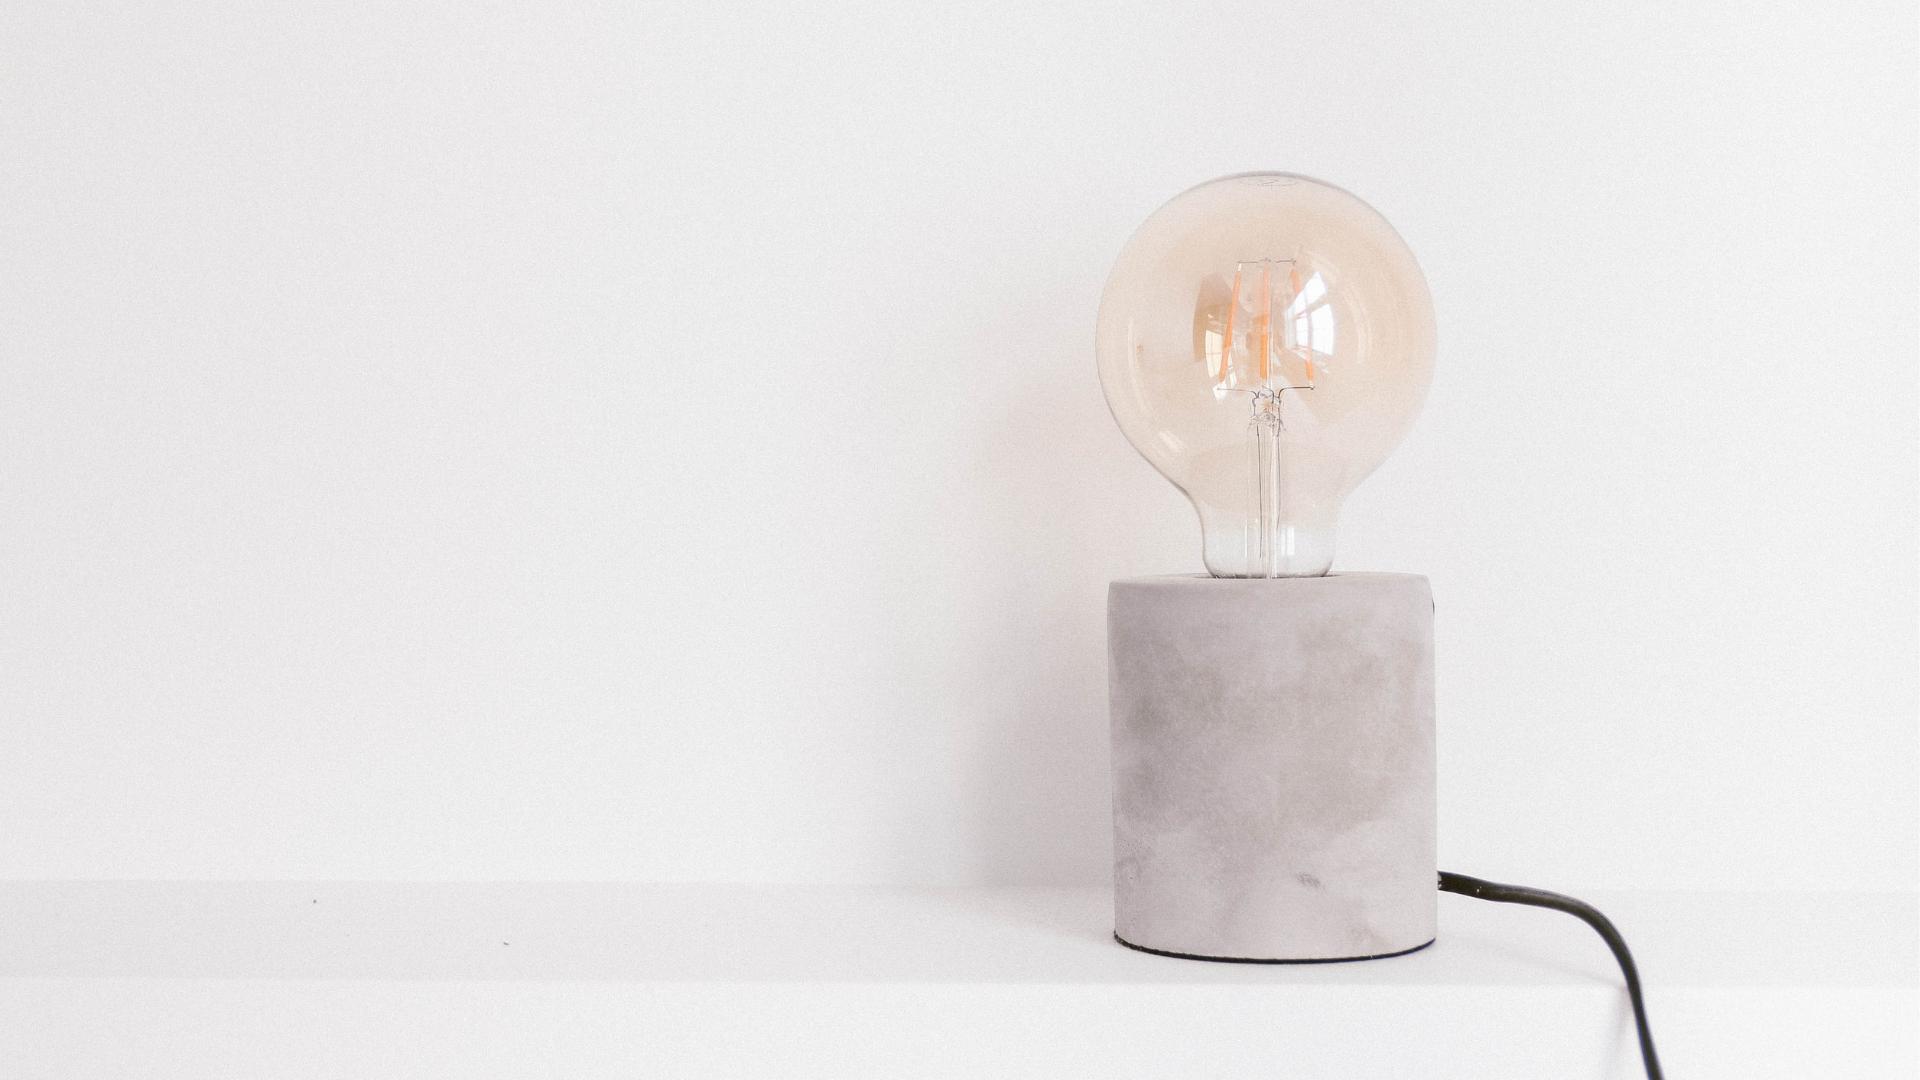 light-bulb-on-white-panel